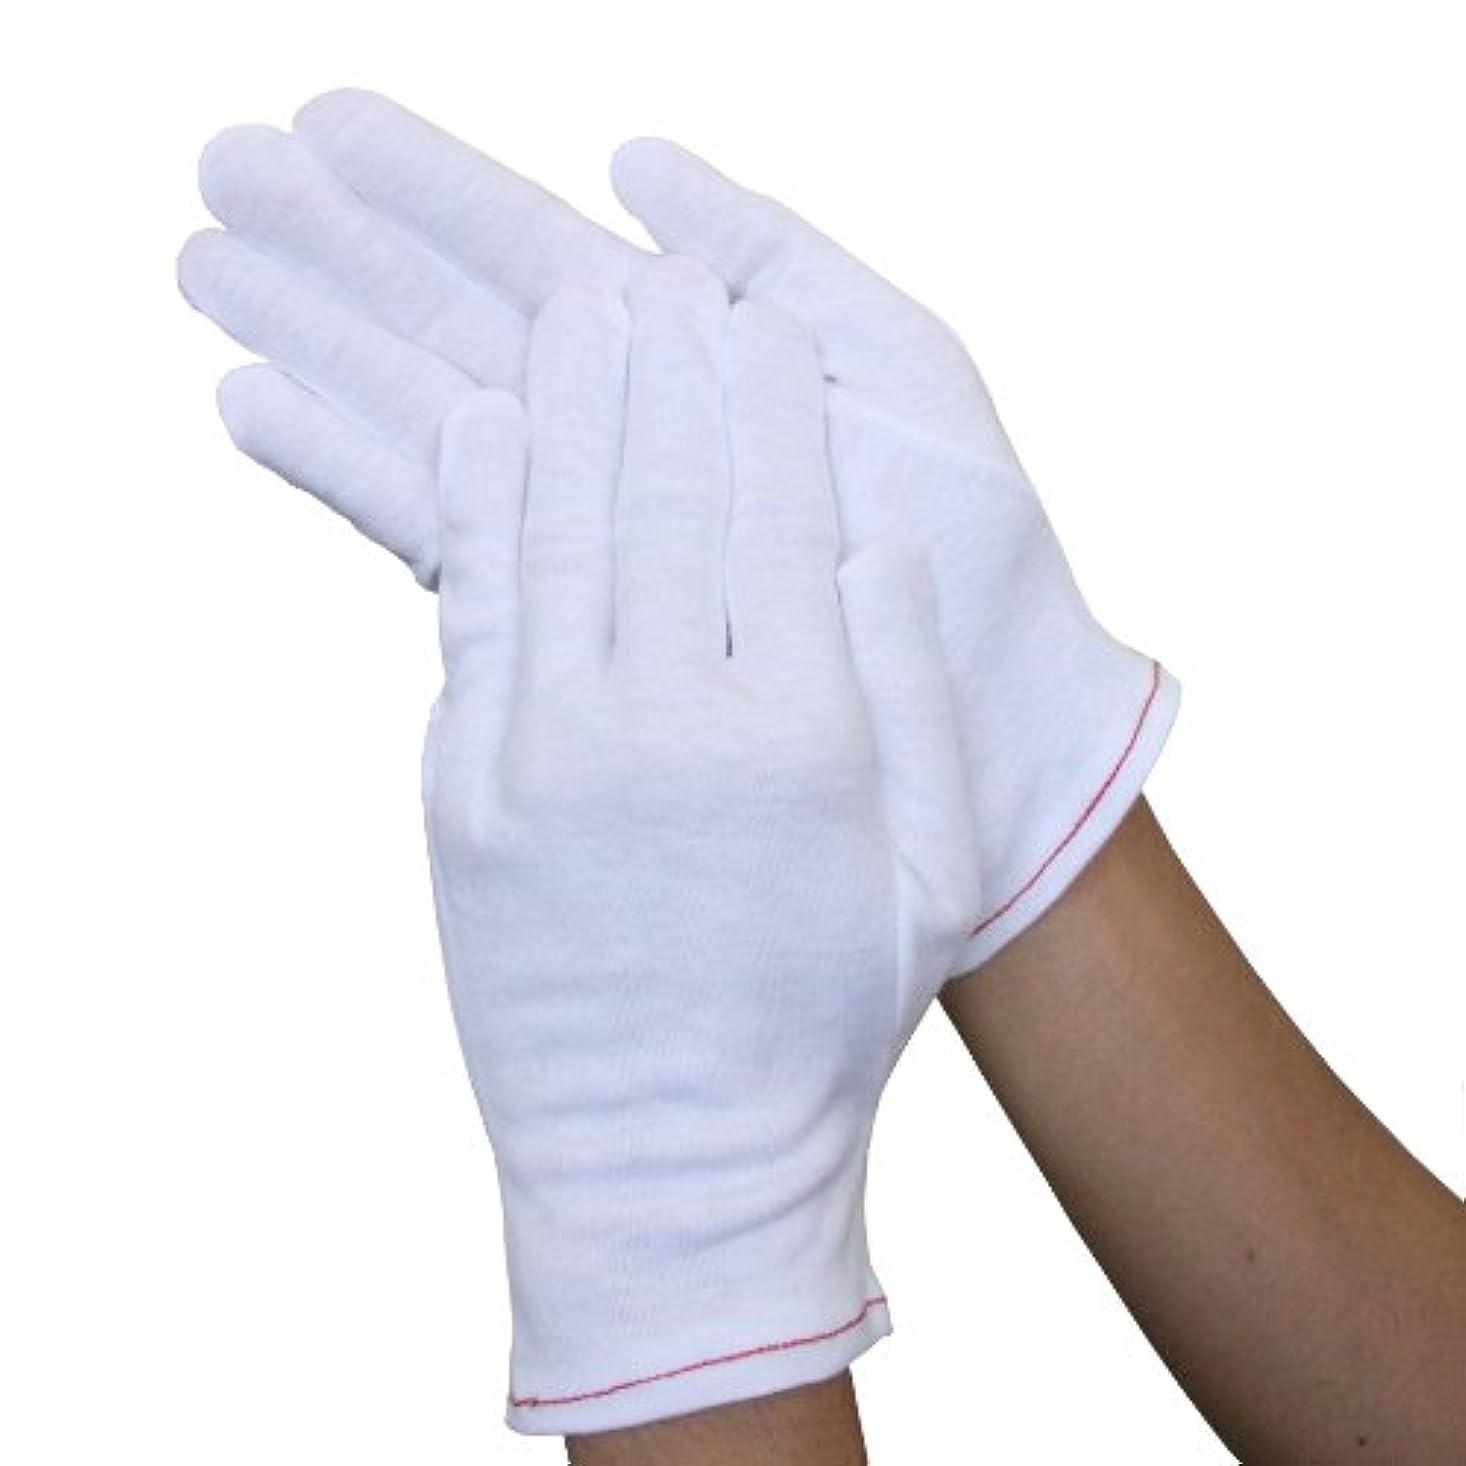 パーセント非武装化蒸留(ASAFUKU) 麻福 麻福 ヘンプおやすみ 手袋 タッチパネル スマートフォン対応 ブラック Sサイズ